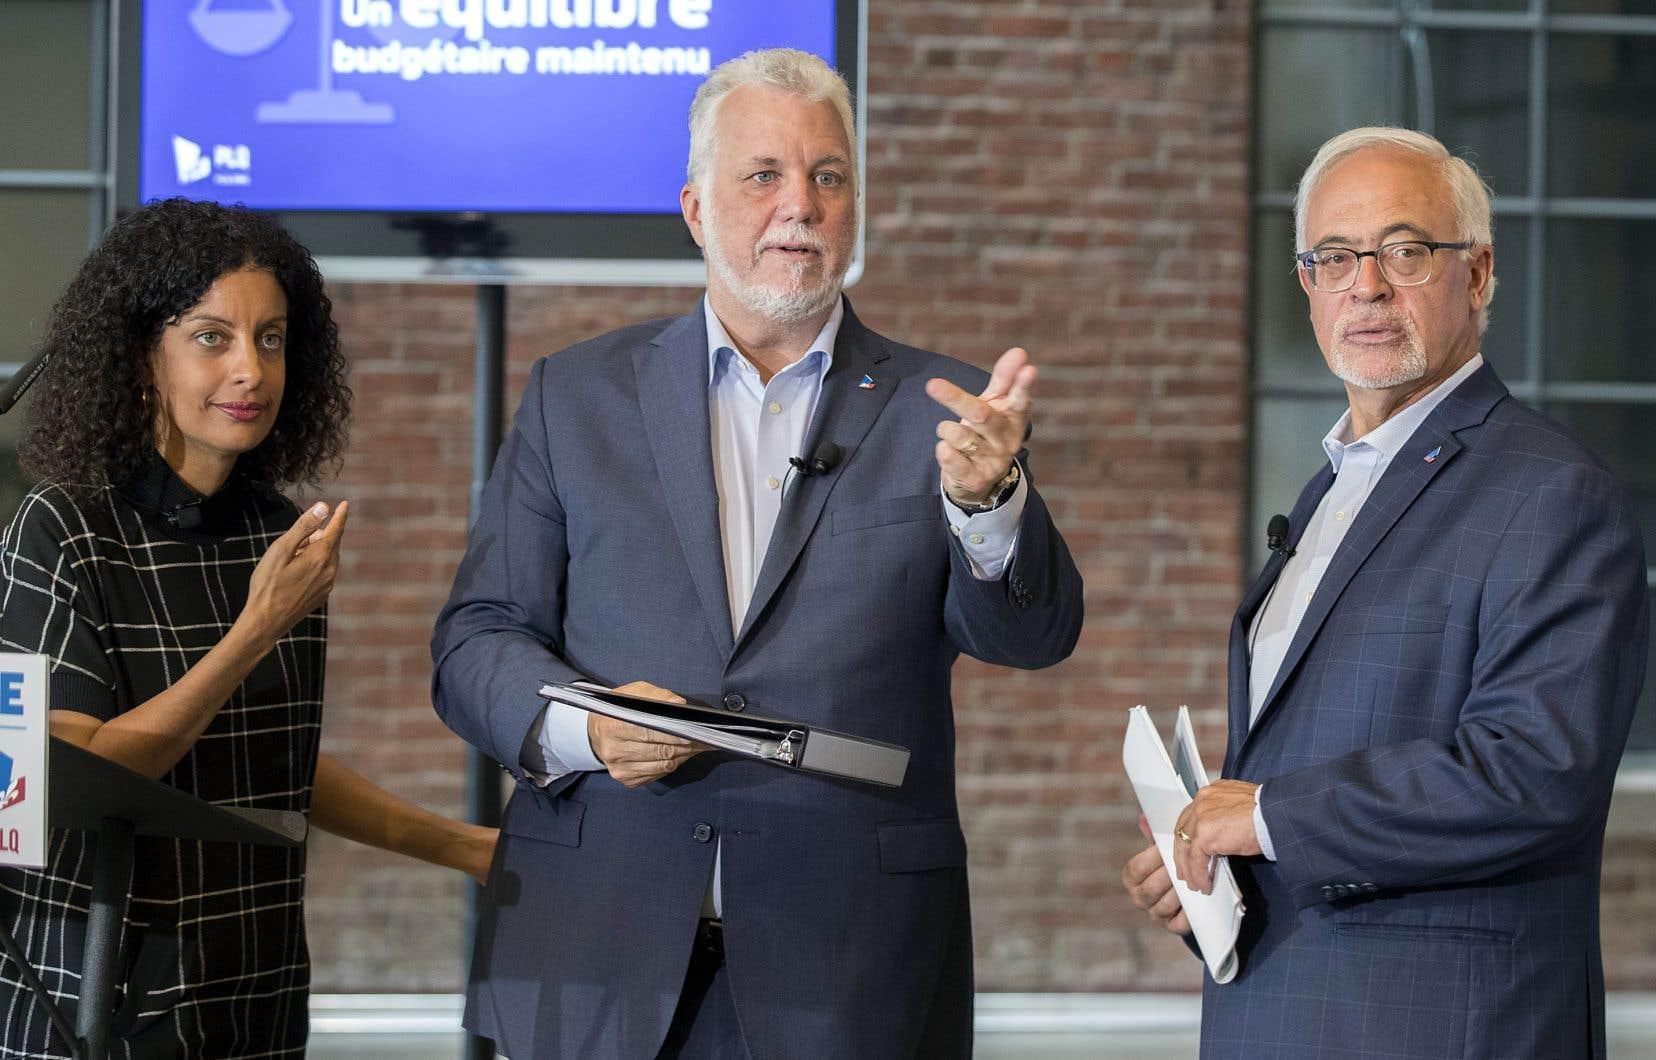 Le premier ministre sortant, Philippe Couillard, a présenté mercredi le cadre financier du Parti libéral du Québec aux côtés des candidats Carlos Leitão et Dominique Anglade.